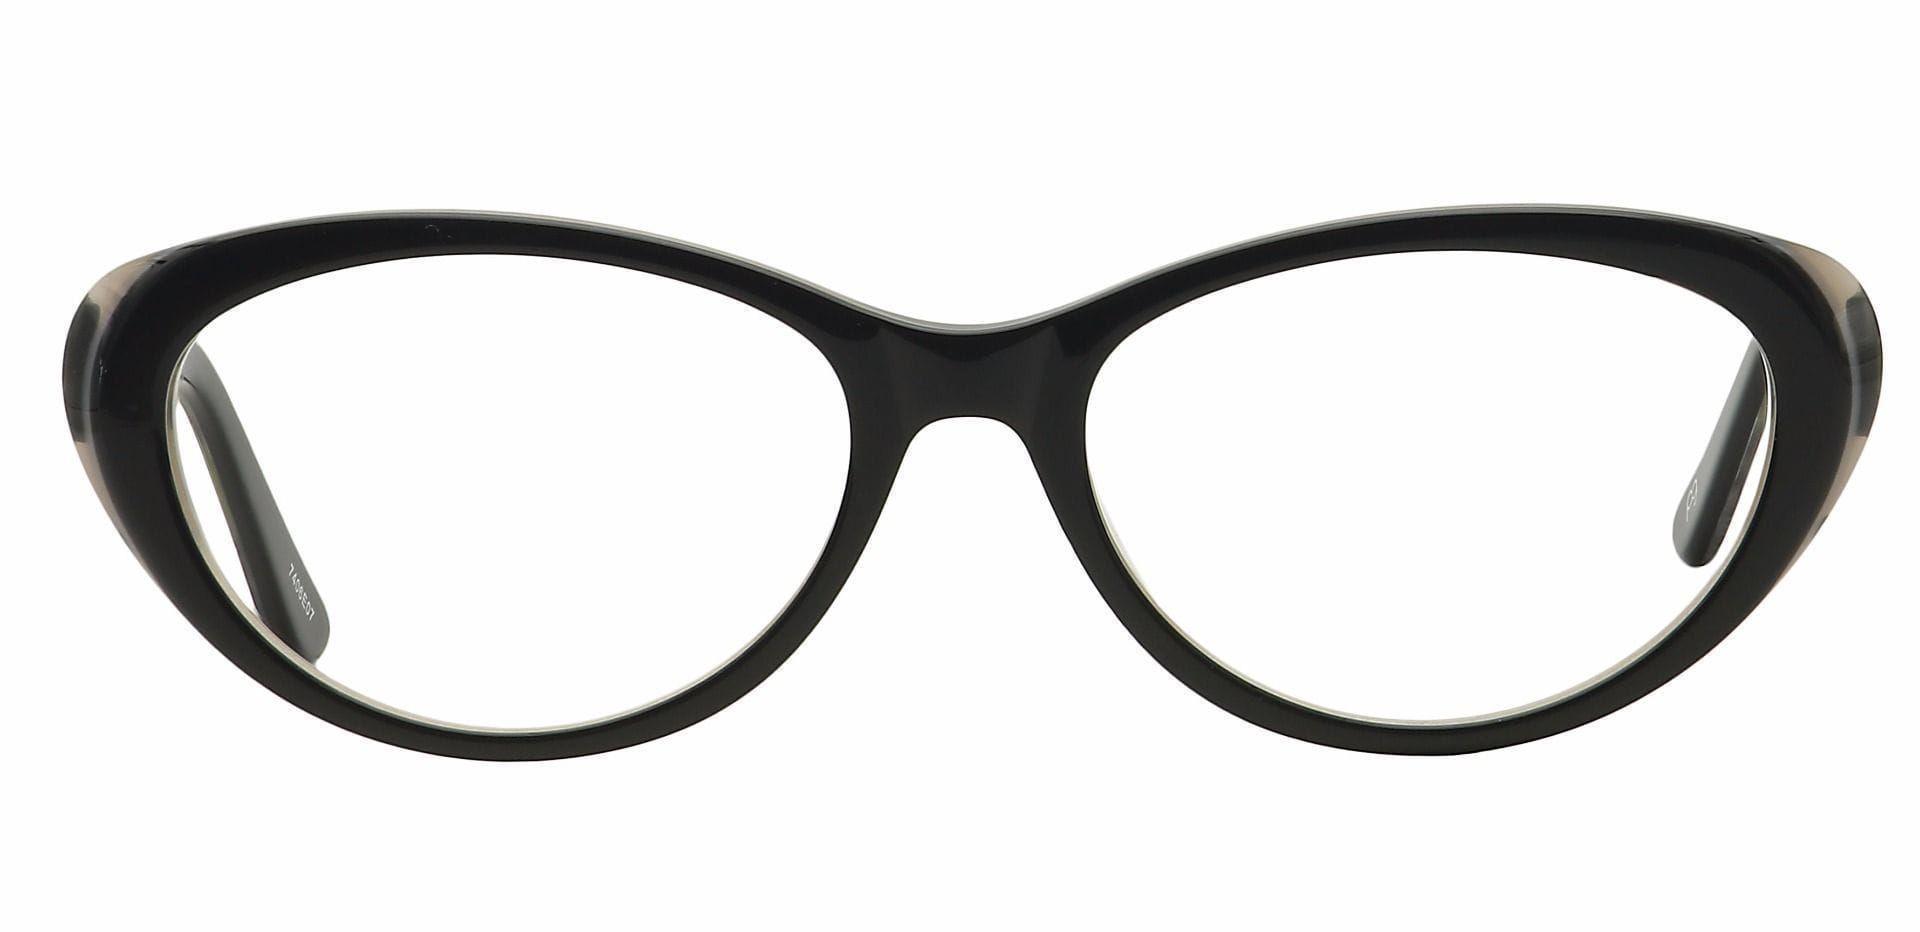 Asta Cat-Eye Reading Glasses - Black